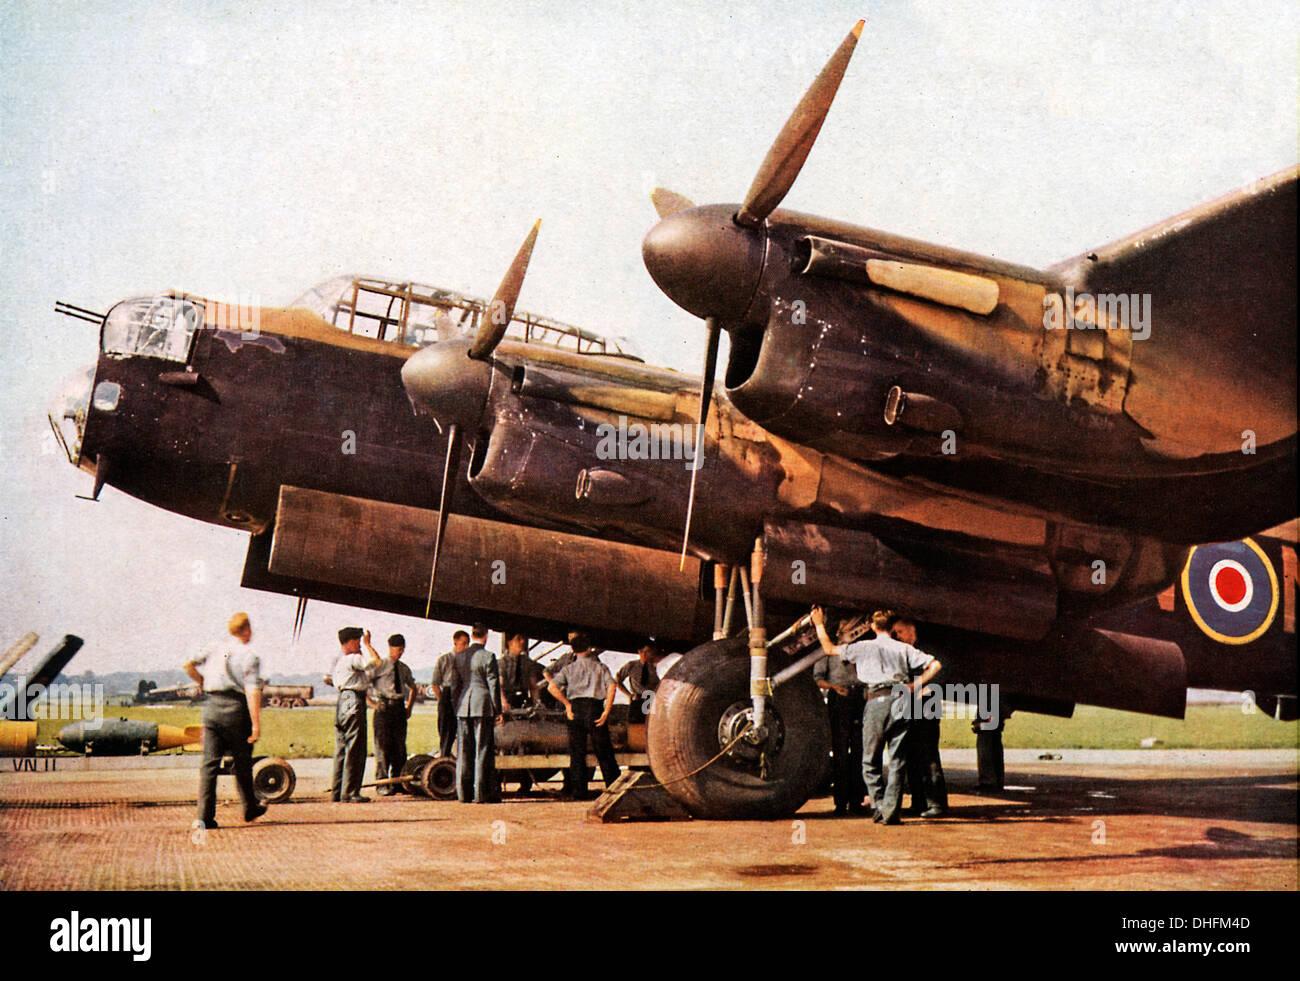 Chargement d'un bombardier Lancaster, 1942 photo couleur de l'emblématique des bombardiers lourds de la RAF jusqu'à la bombe avant qu'un raid sur l'Allemagne Photo Stock